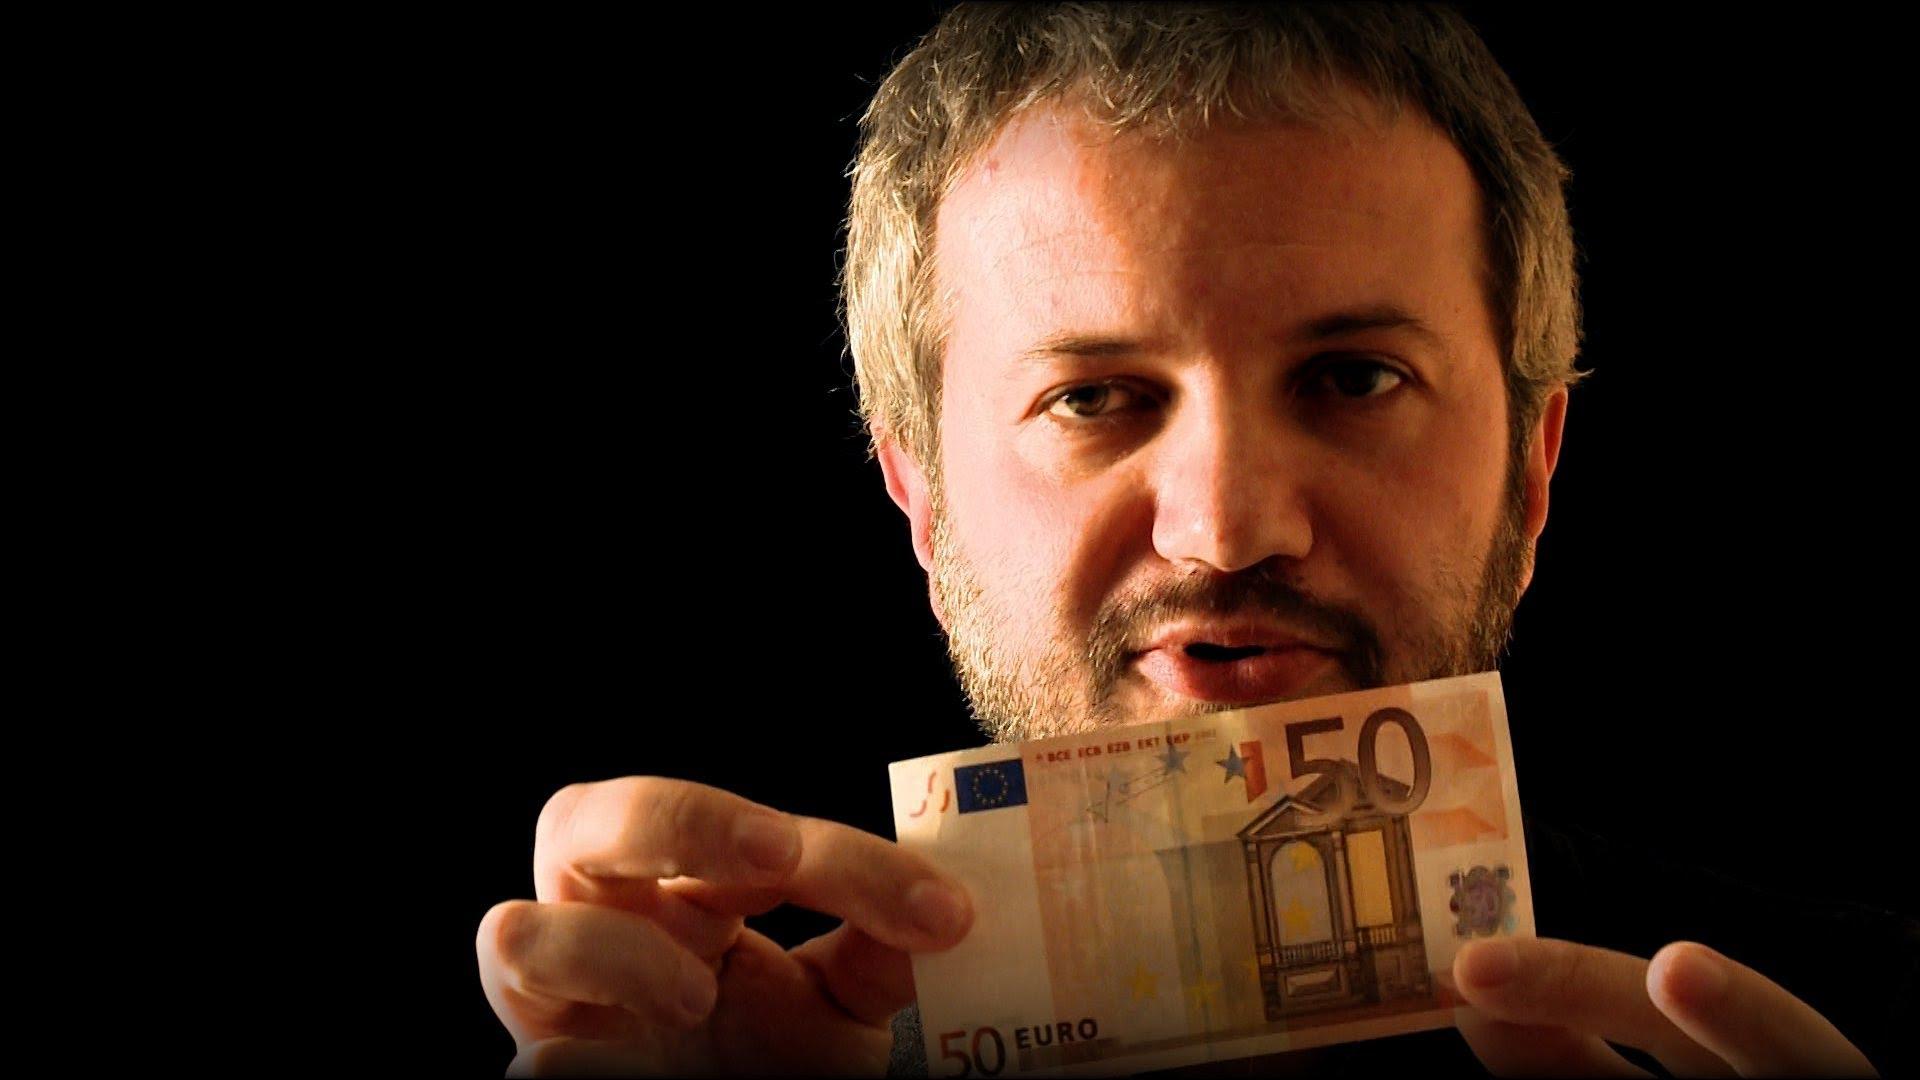 بورجي: إيطاليا سوف تغادر منطقة اليورو عاجلاً أم آجلاً